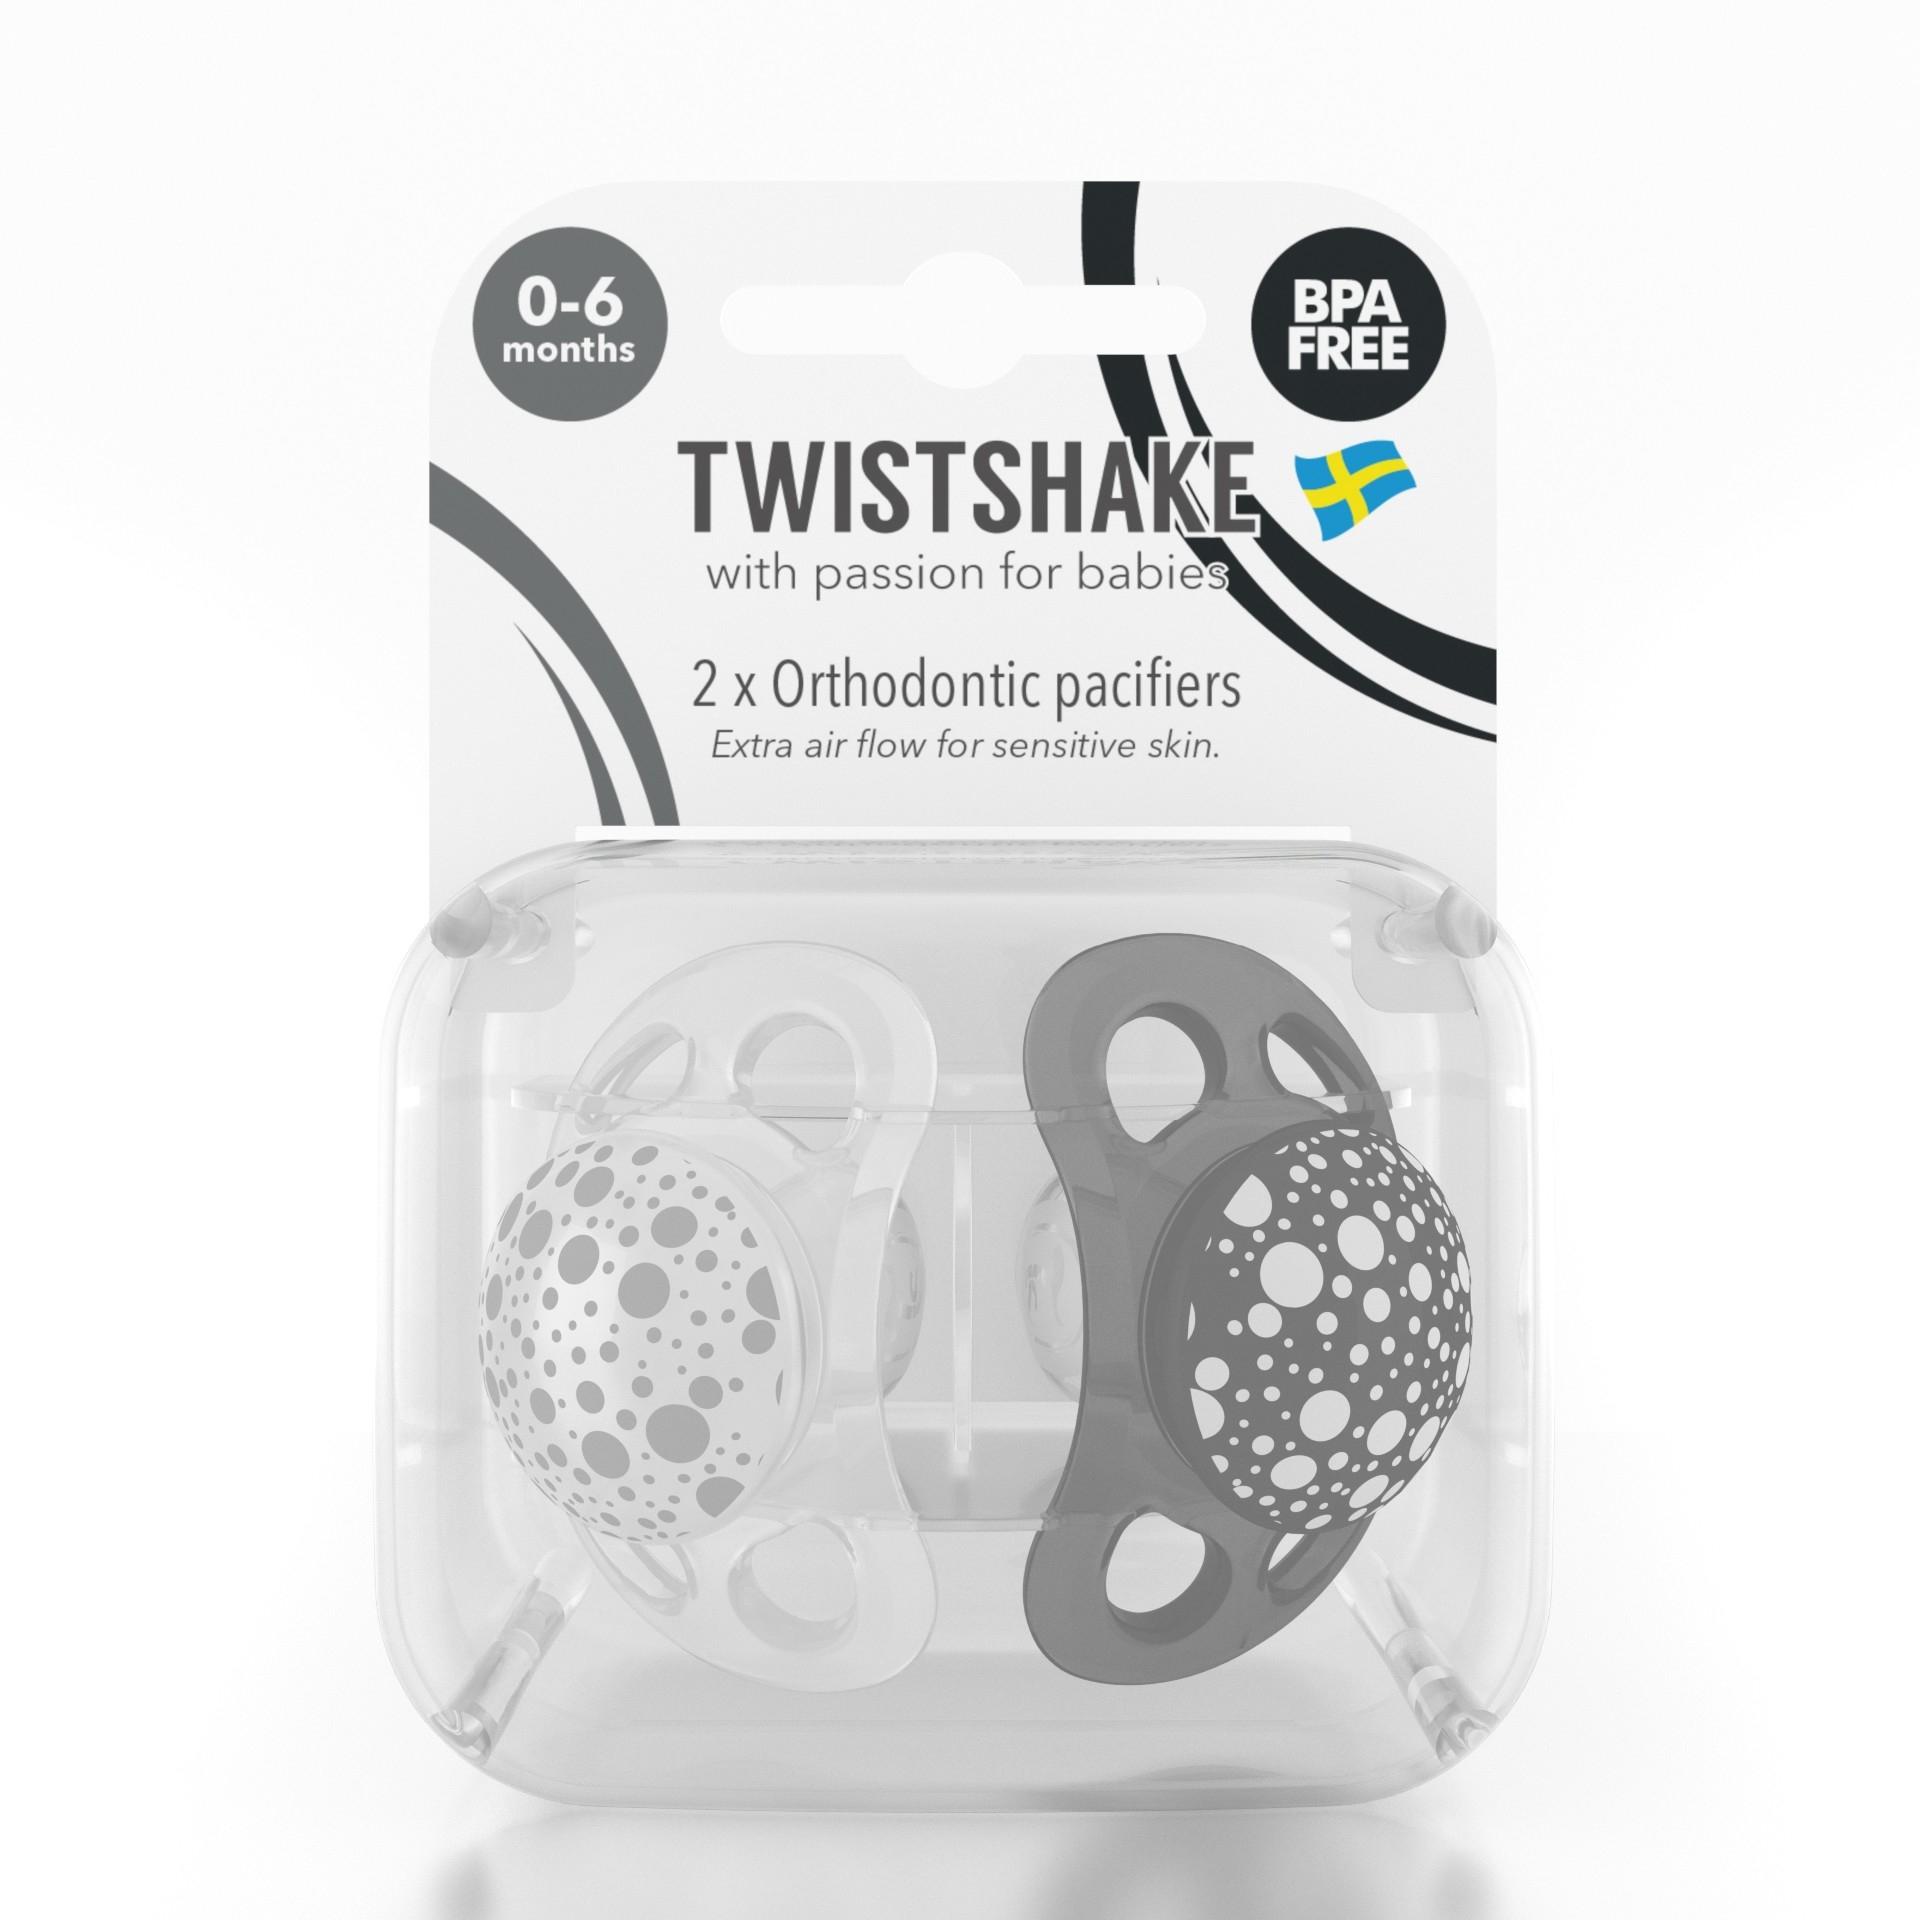 Chupete Twistshake 2x Pacifier 0-6m Negro Blanco